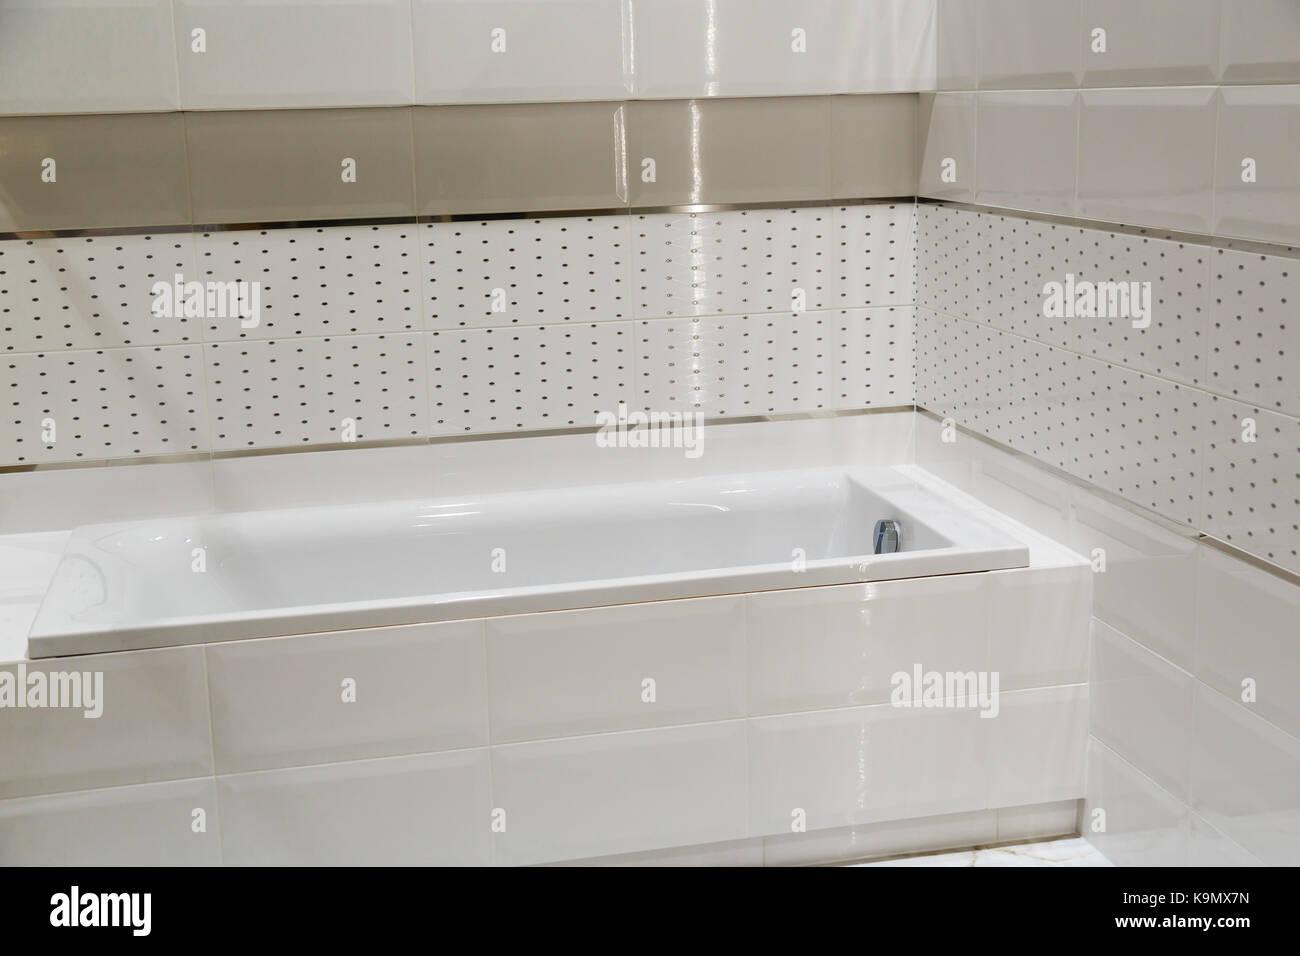 Foto Bagni Chiari : Bilancio bagno bianco con colori chiari di piastrelle foto